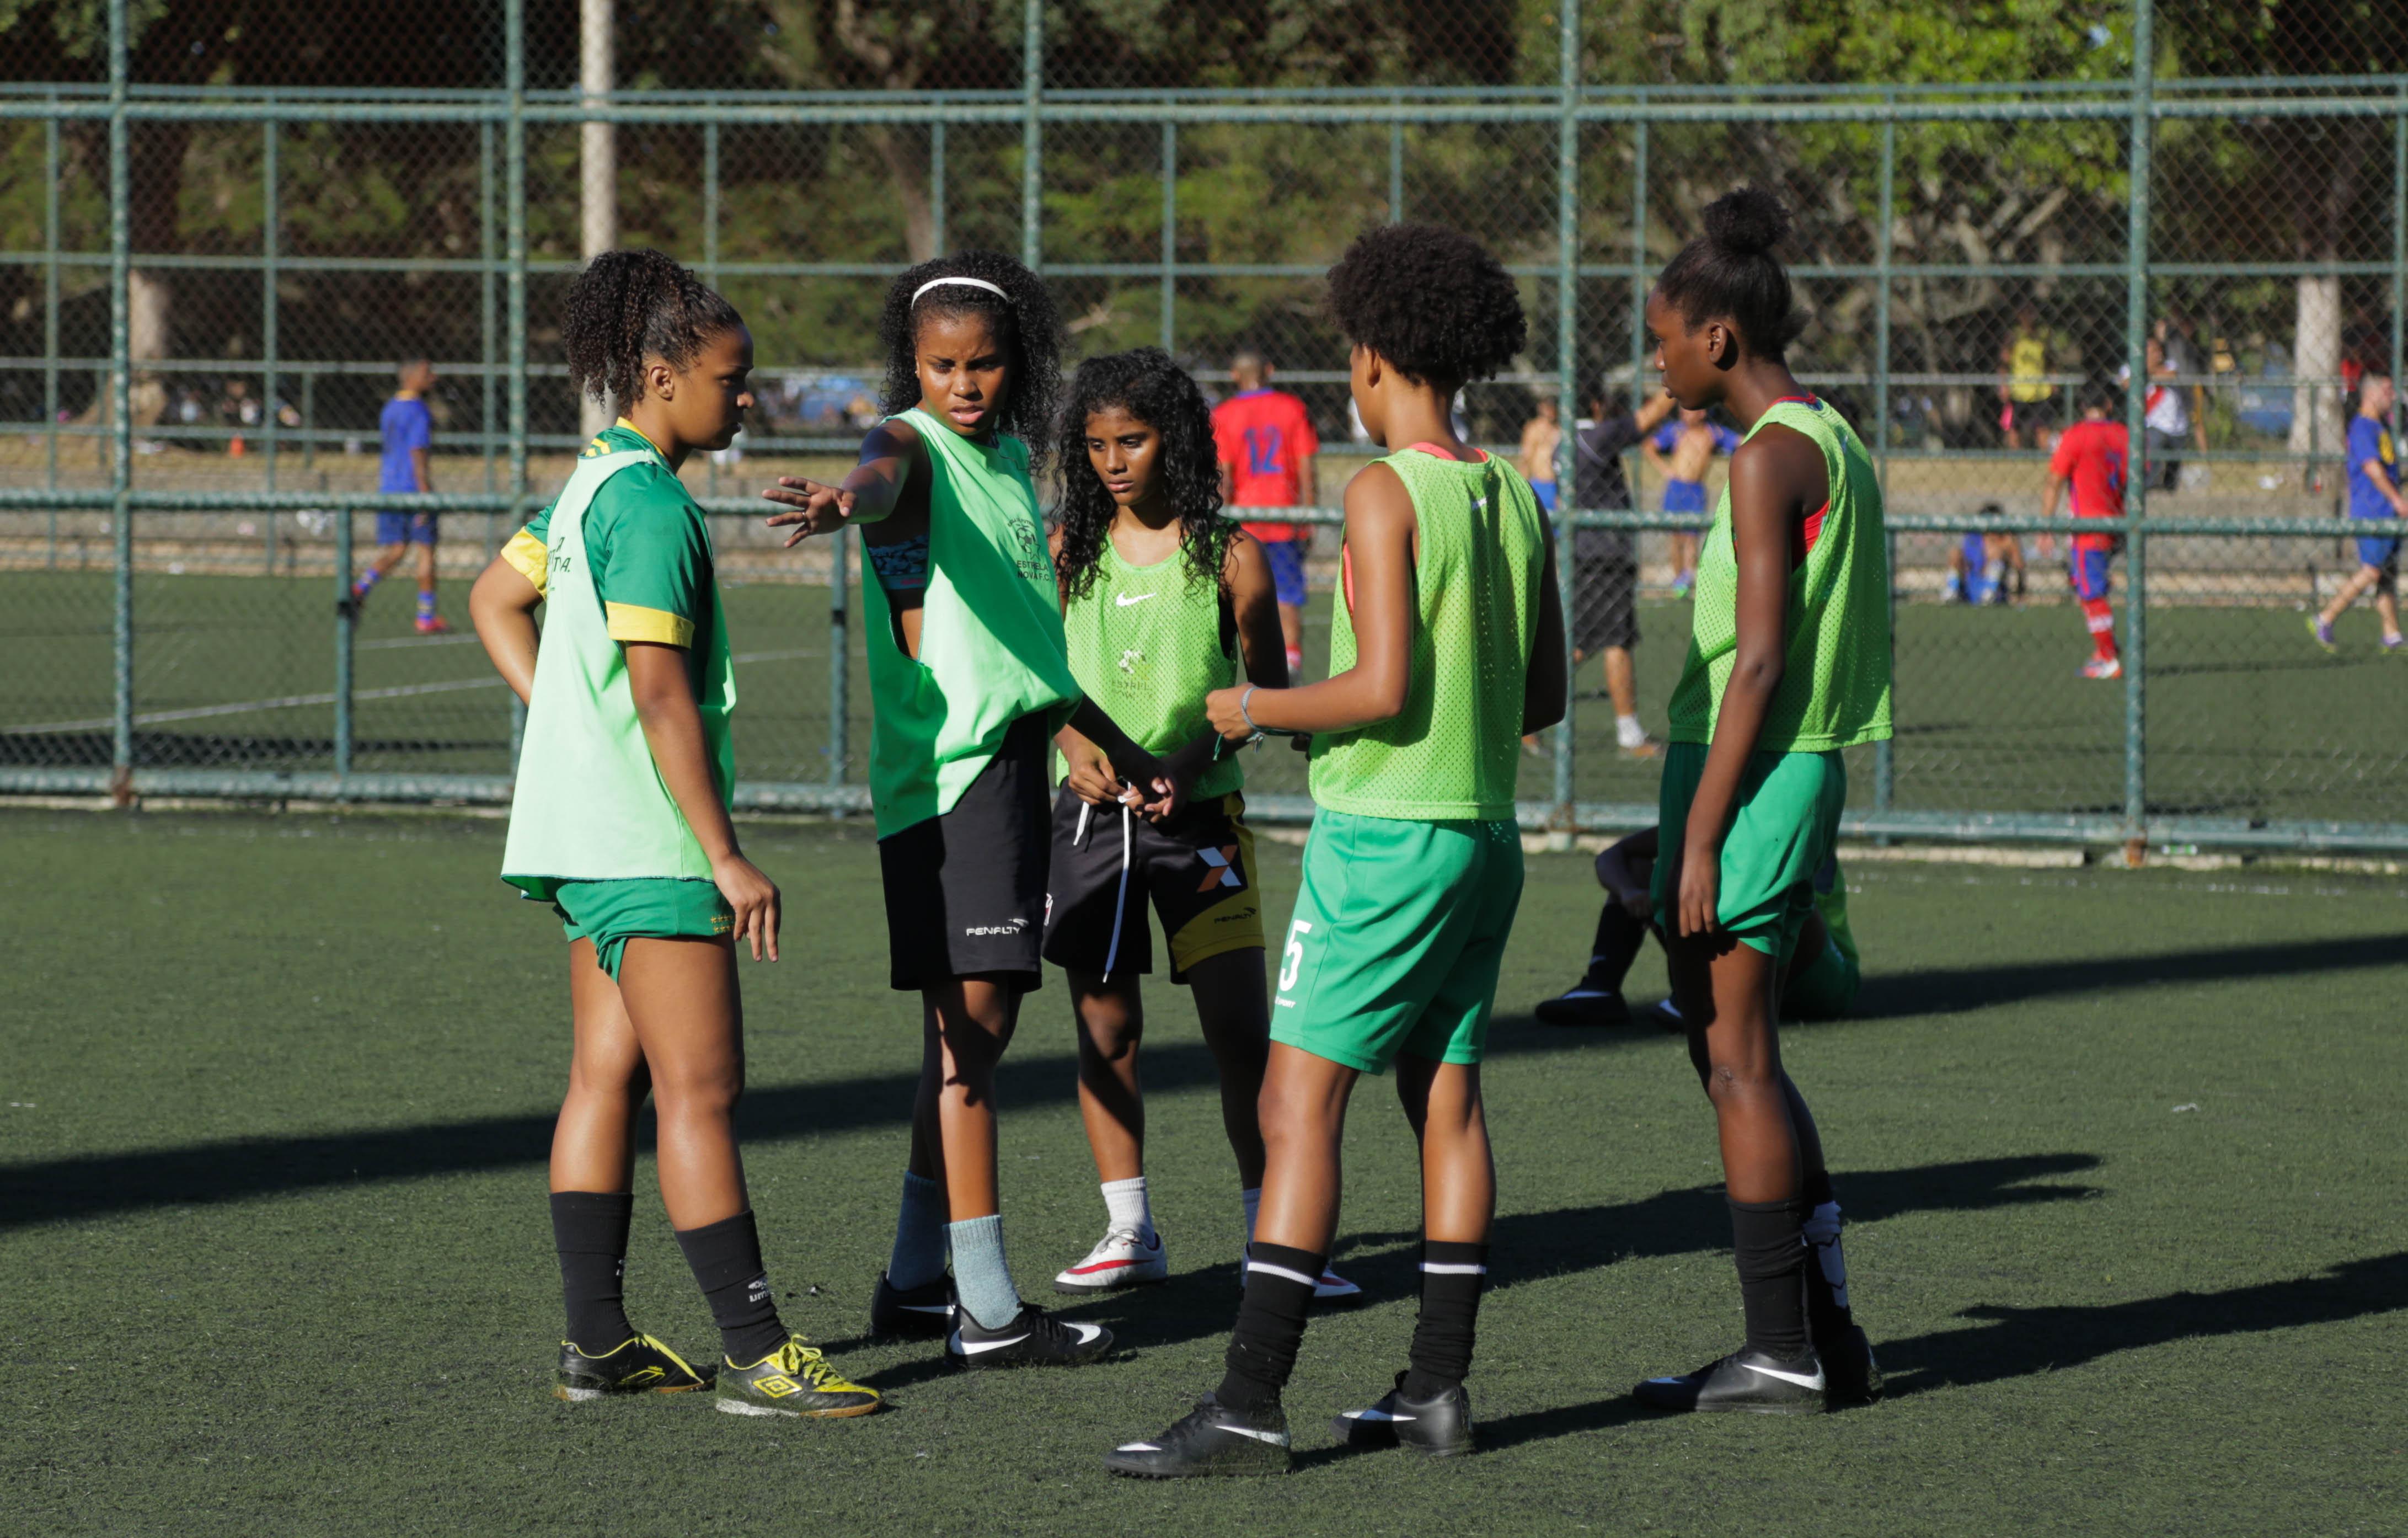 Jogadoras da seleção brasileira na Street Child World Cup 2018 treinam no Aterro do Flamengo, Rio de Janeiro, Brasil.